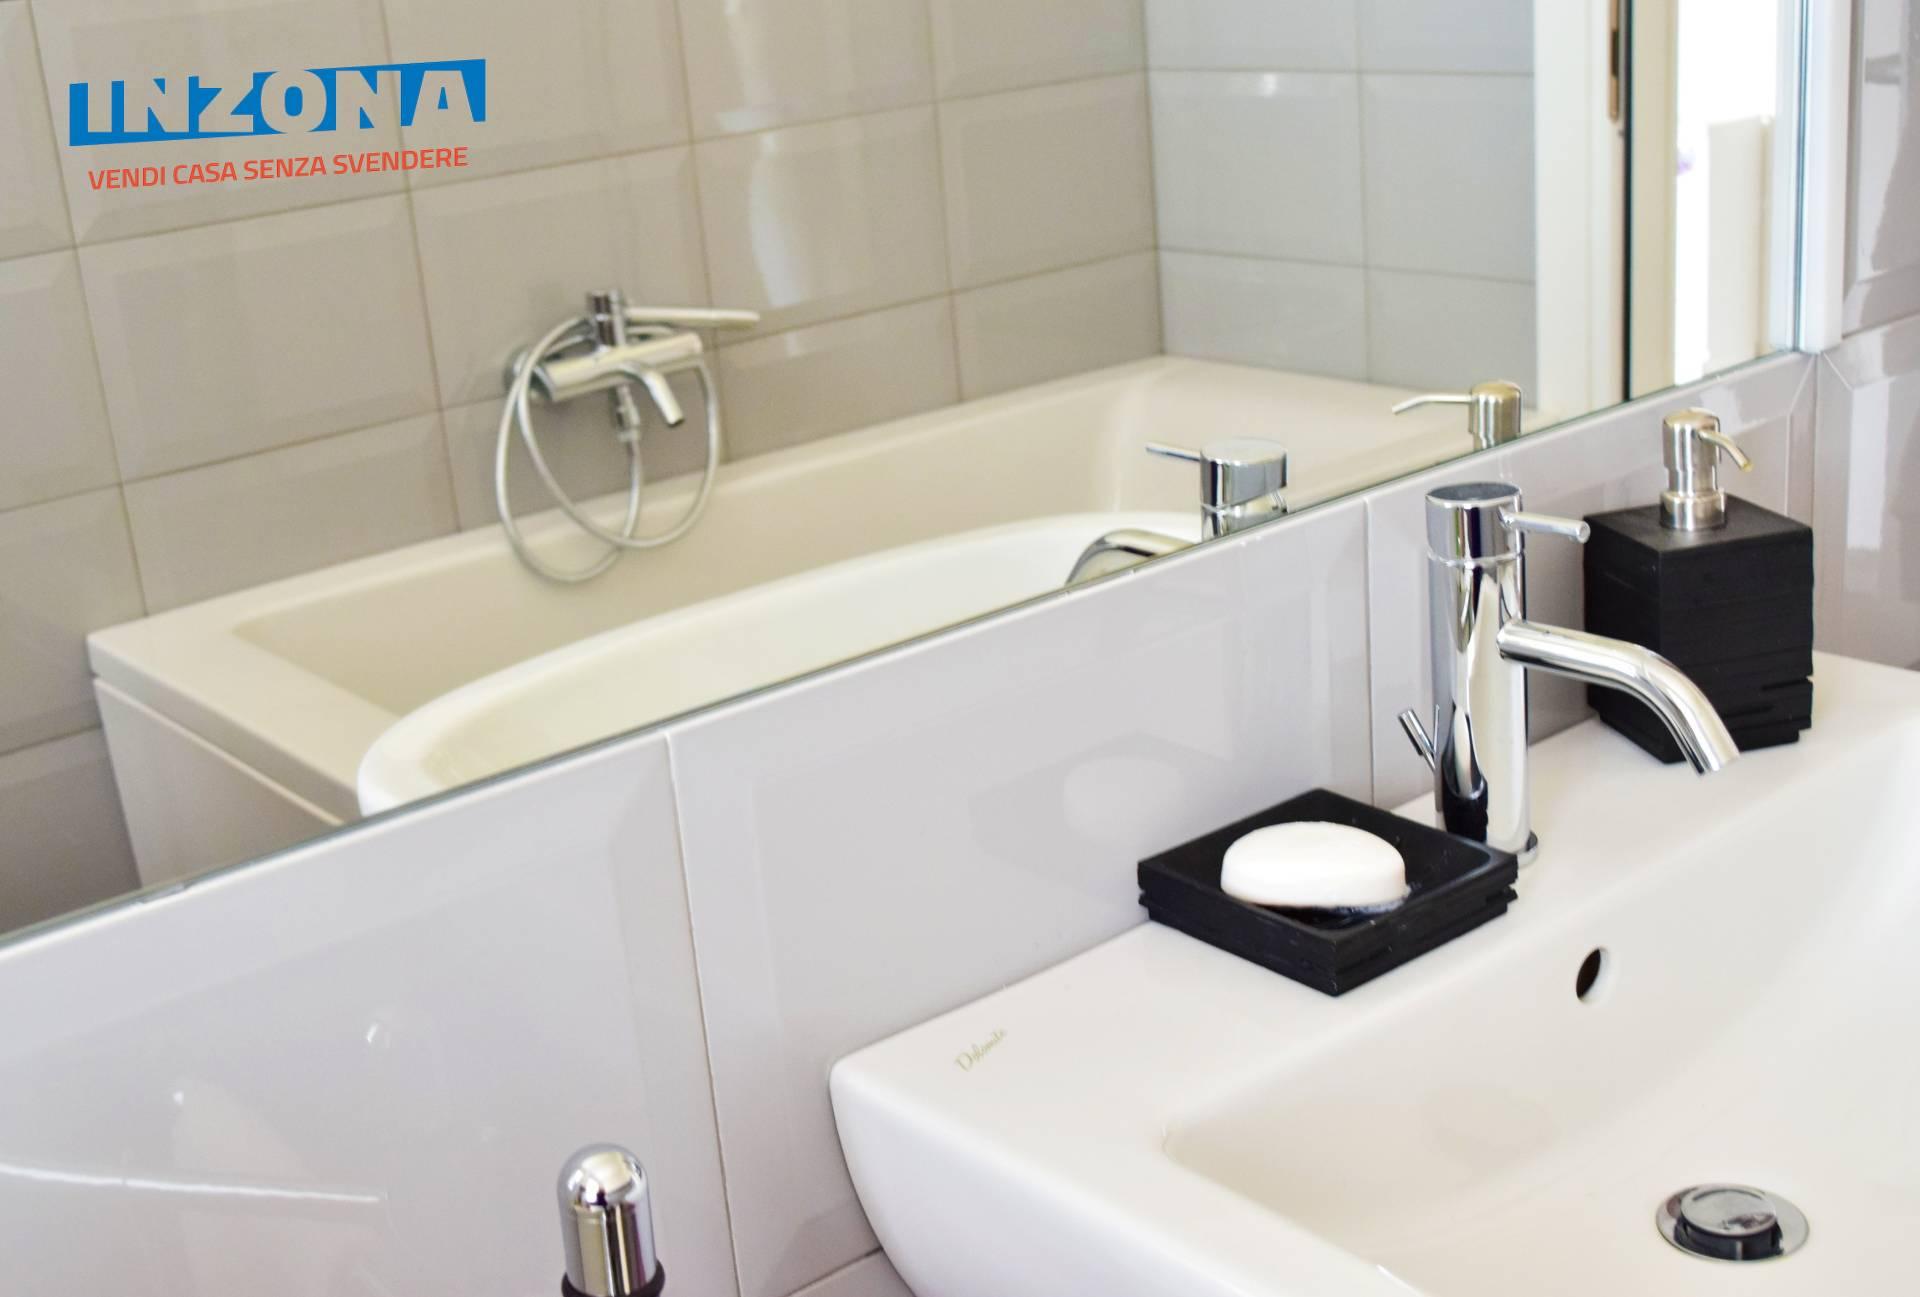 Appartamento in vendita a Teramo, 2 locali, zona Zona: Semicentro , prezzo € 75.000 | Cambio Casa.it